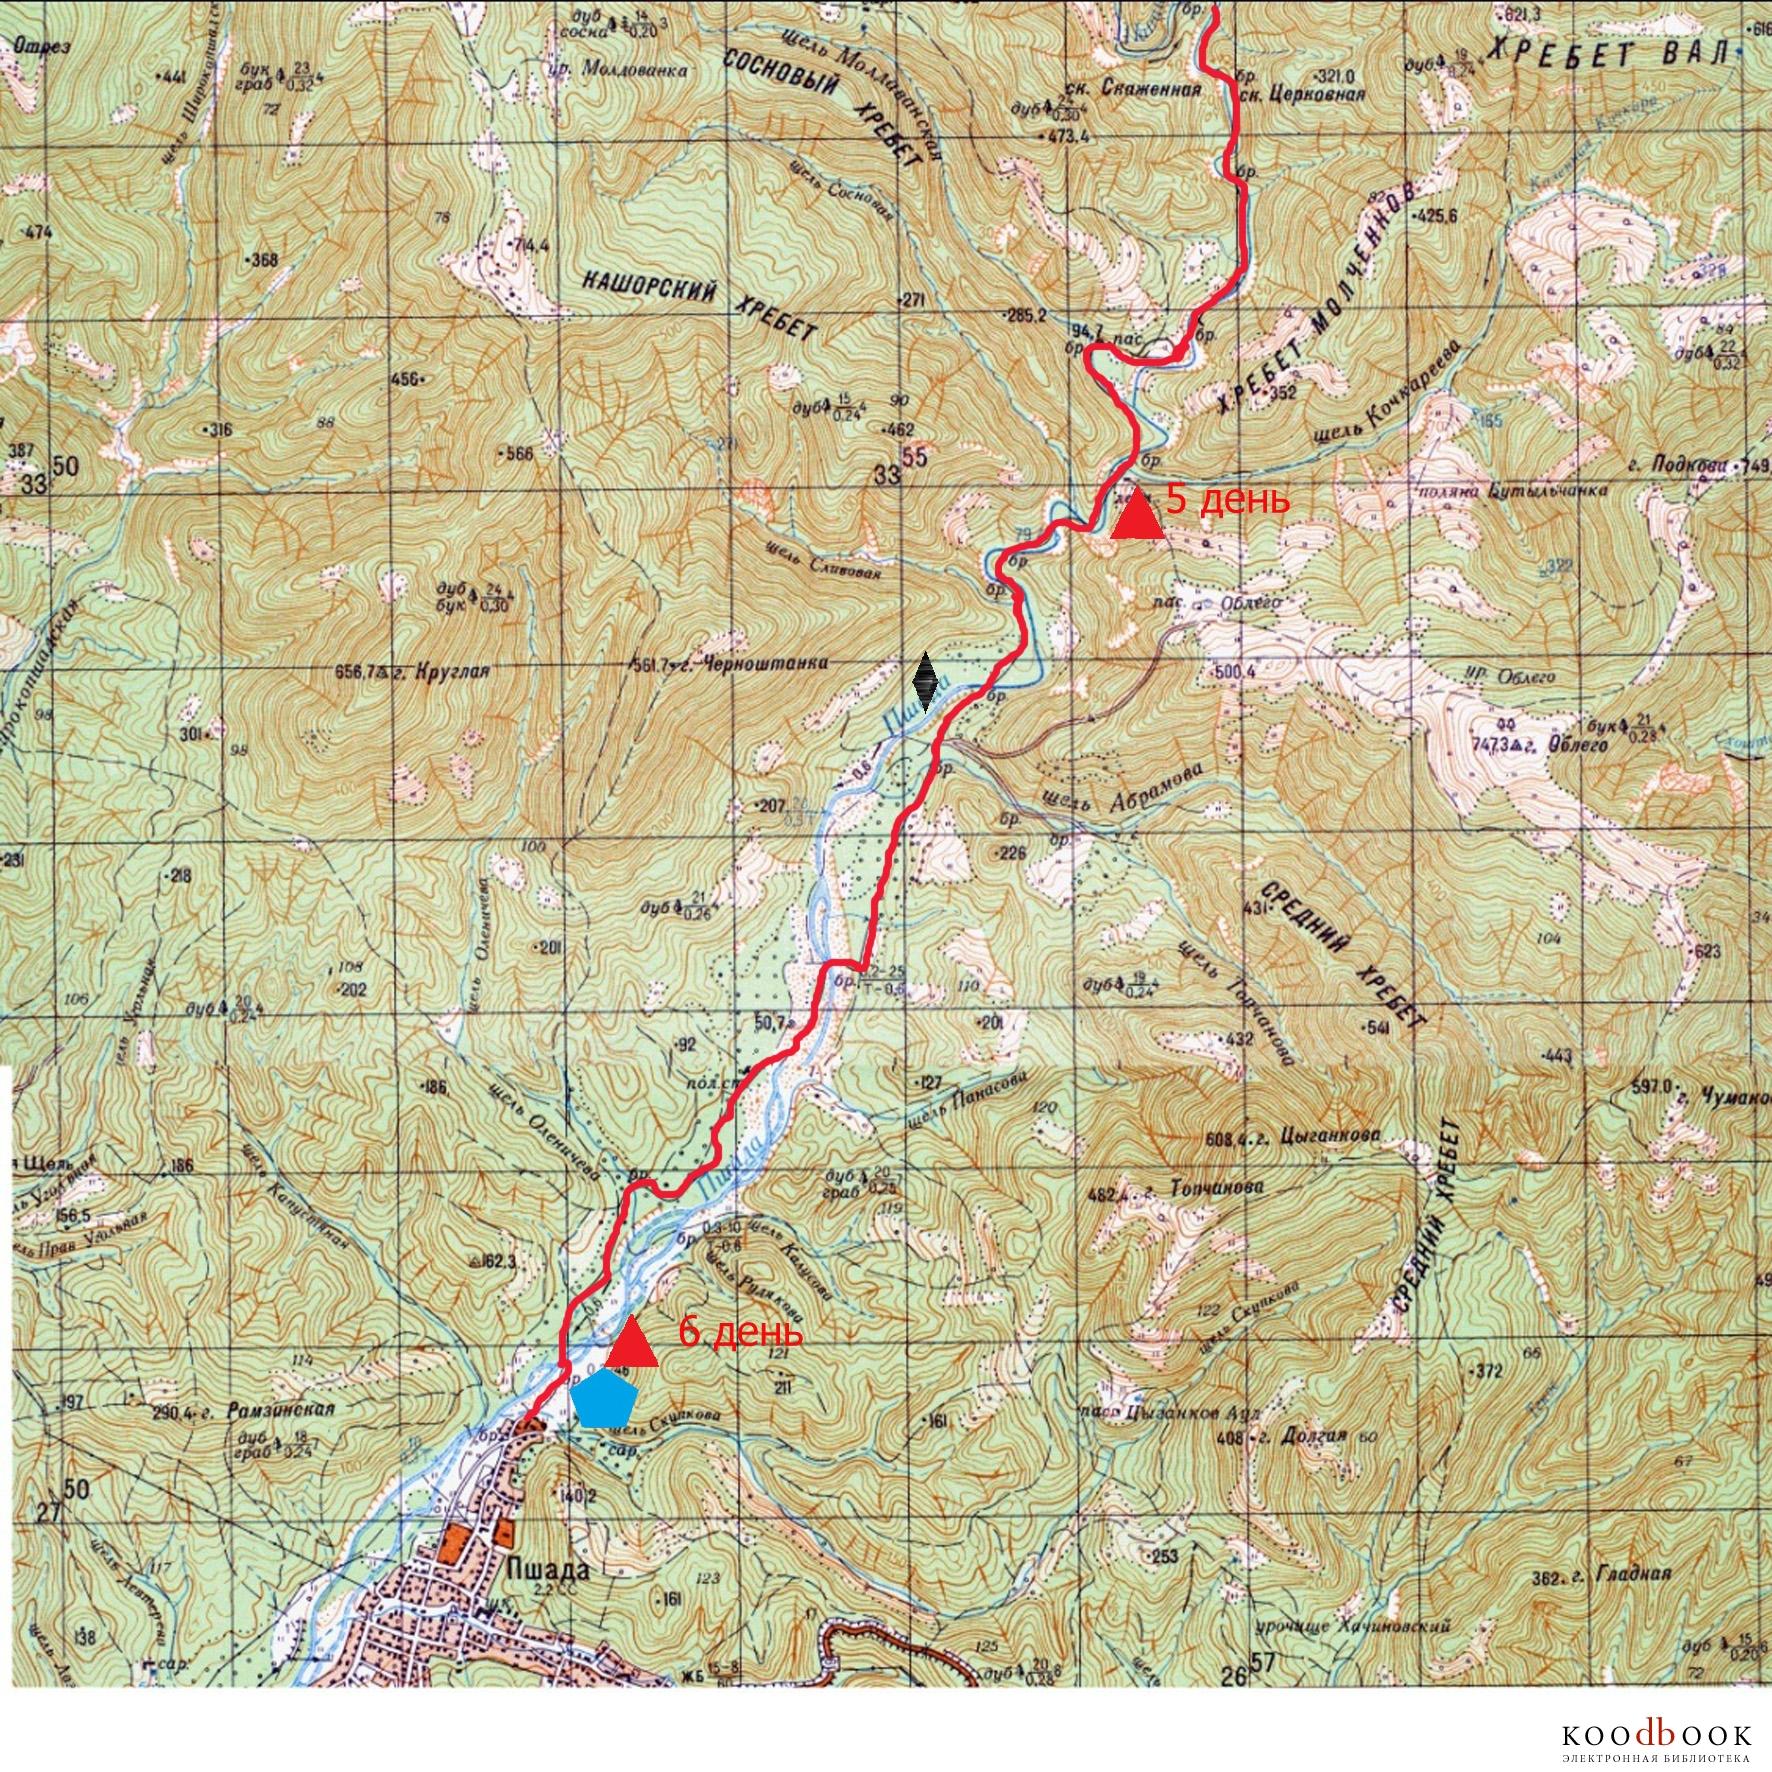 Ковешников В. Н. Туристскими маршрутами древней Адыгеи (1992)